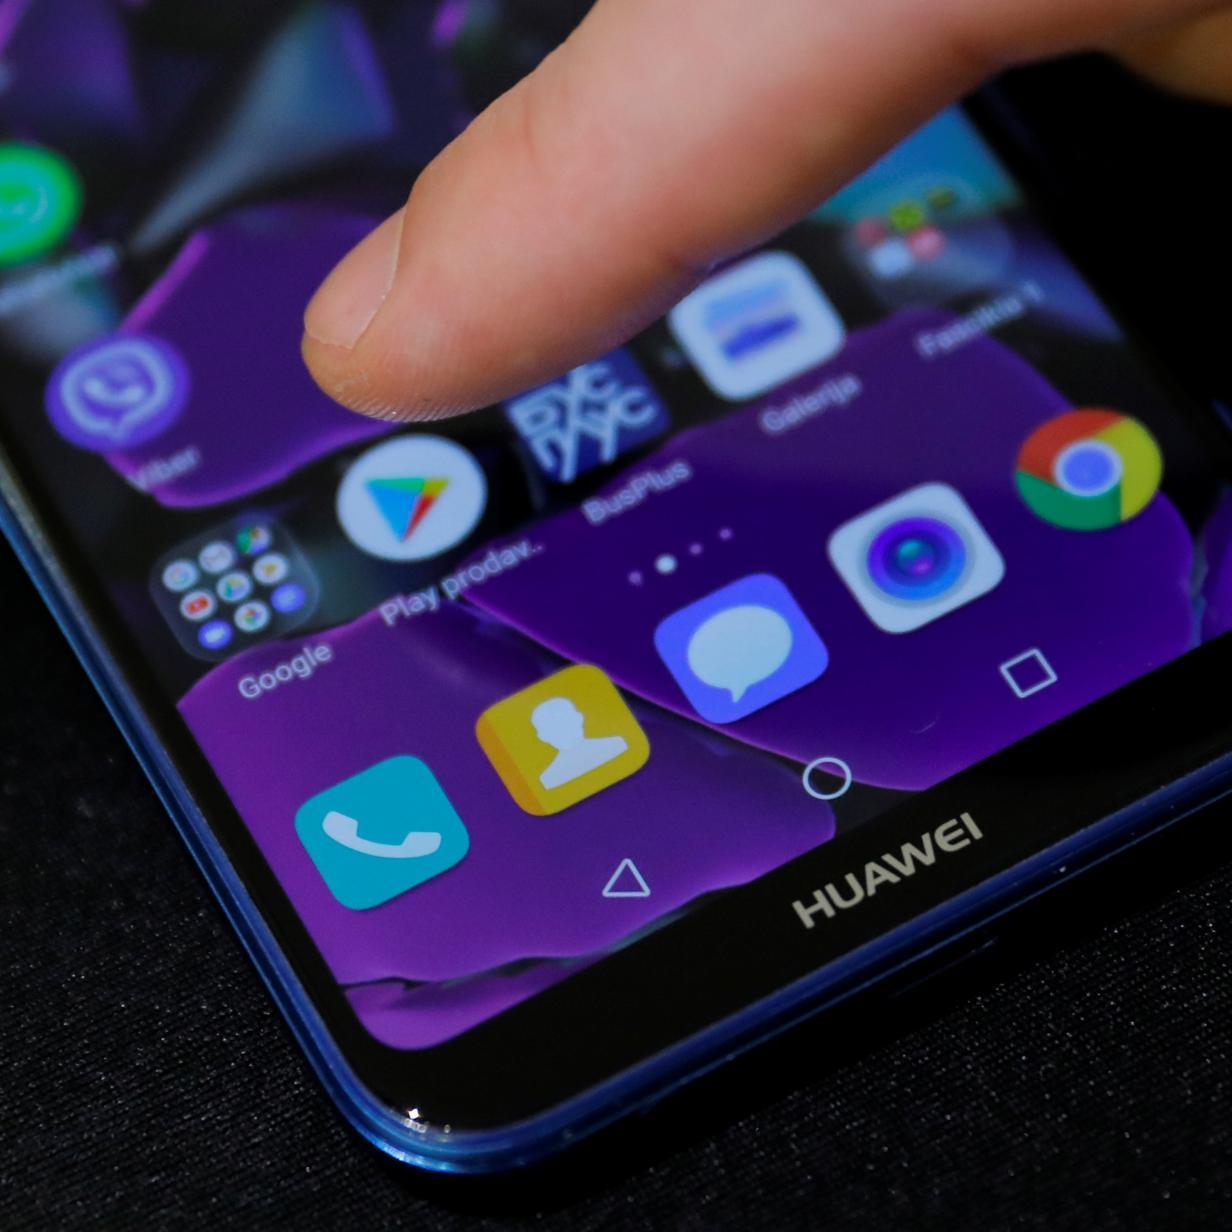 Huawei bereitet Start von Android-Ersatz HongMeng vor